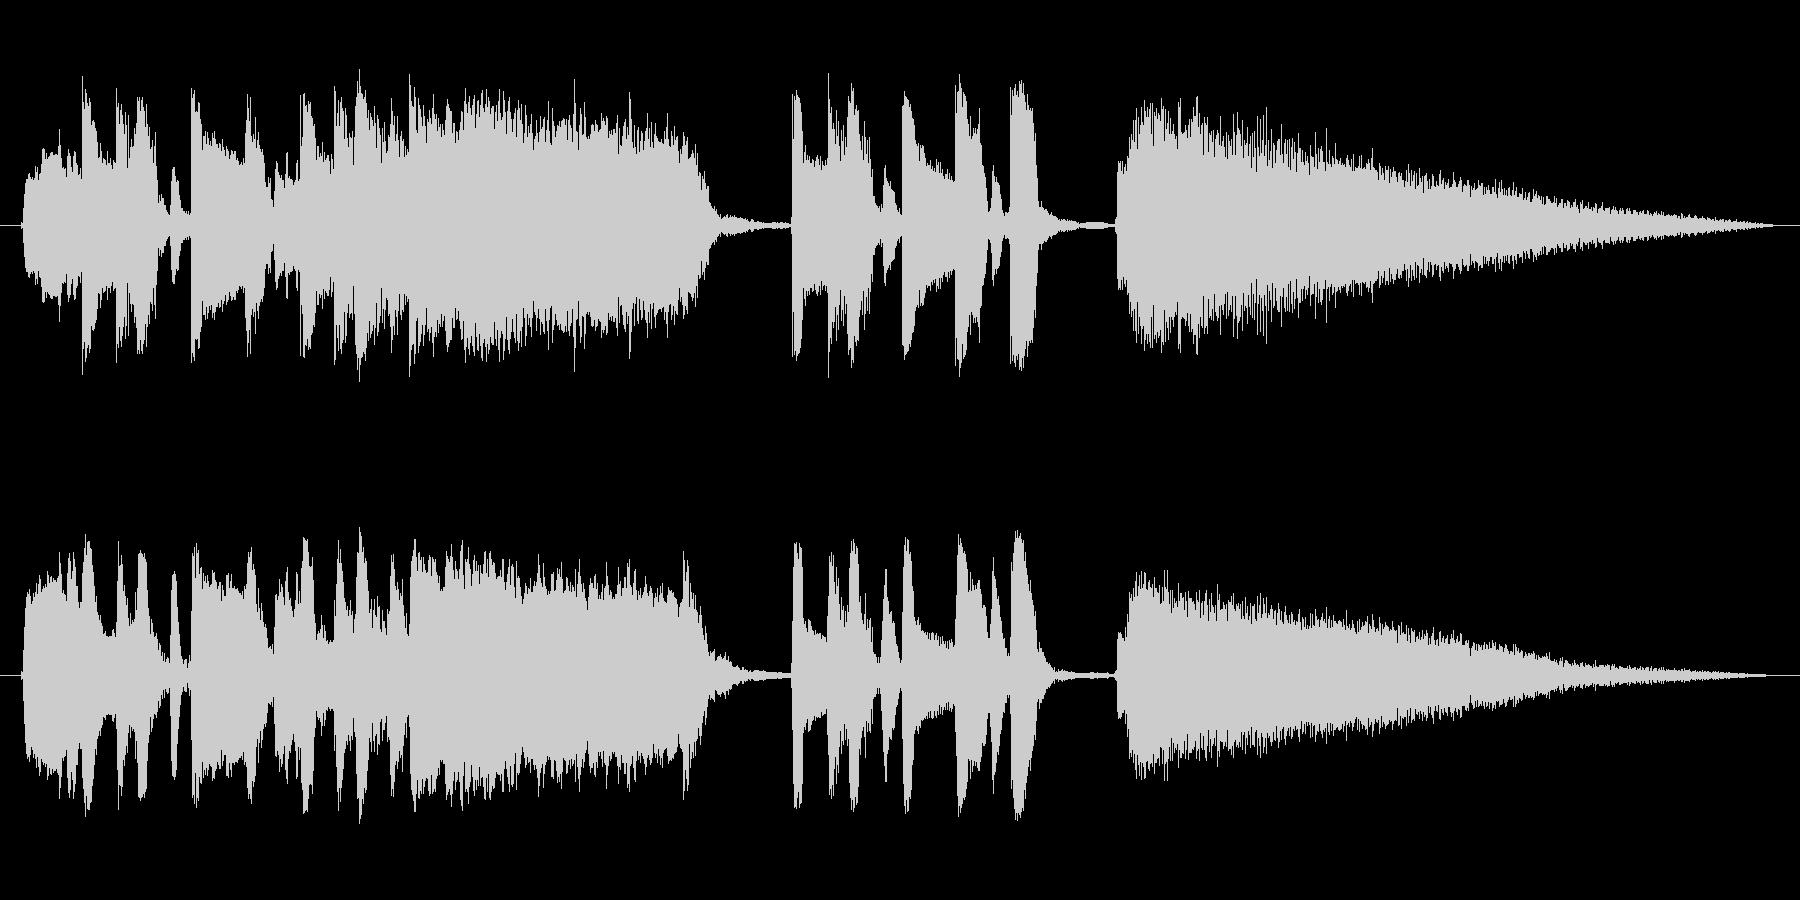 キュートでコミカルなショートミュージックの未再生の波形